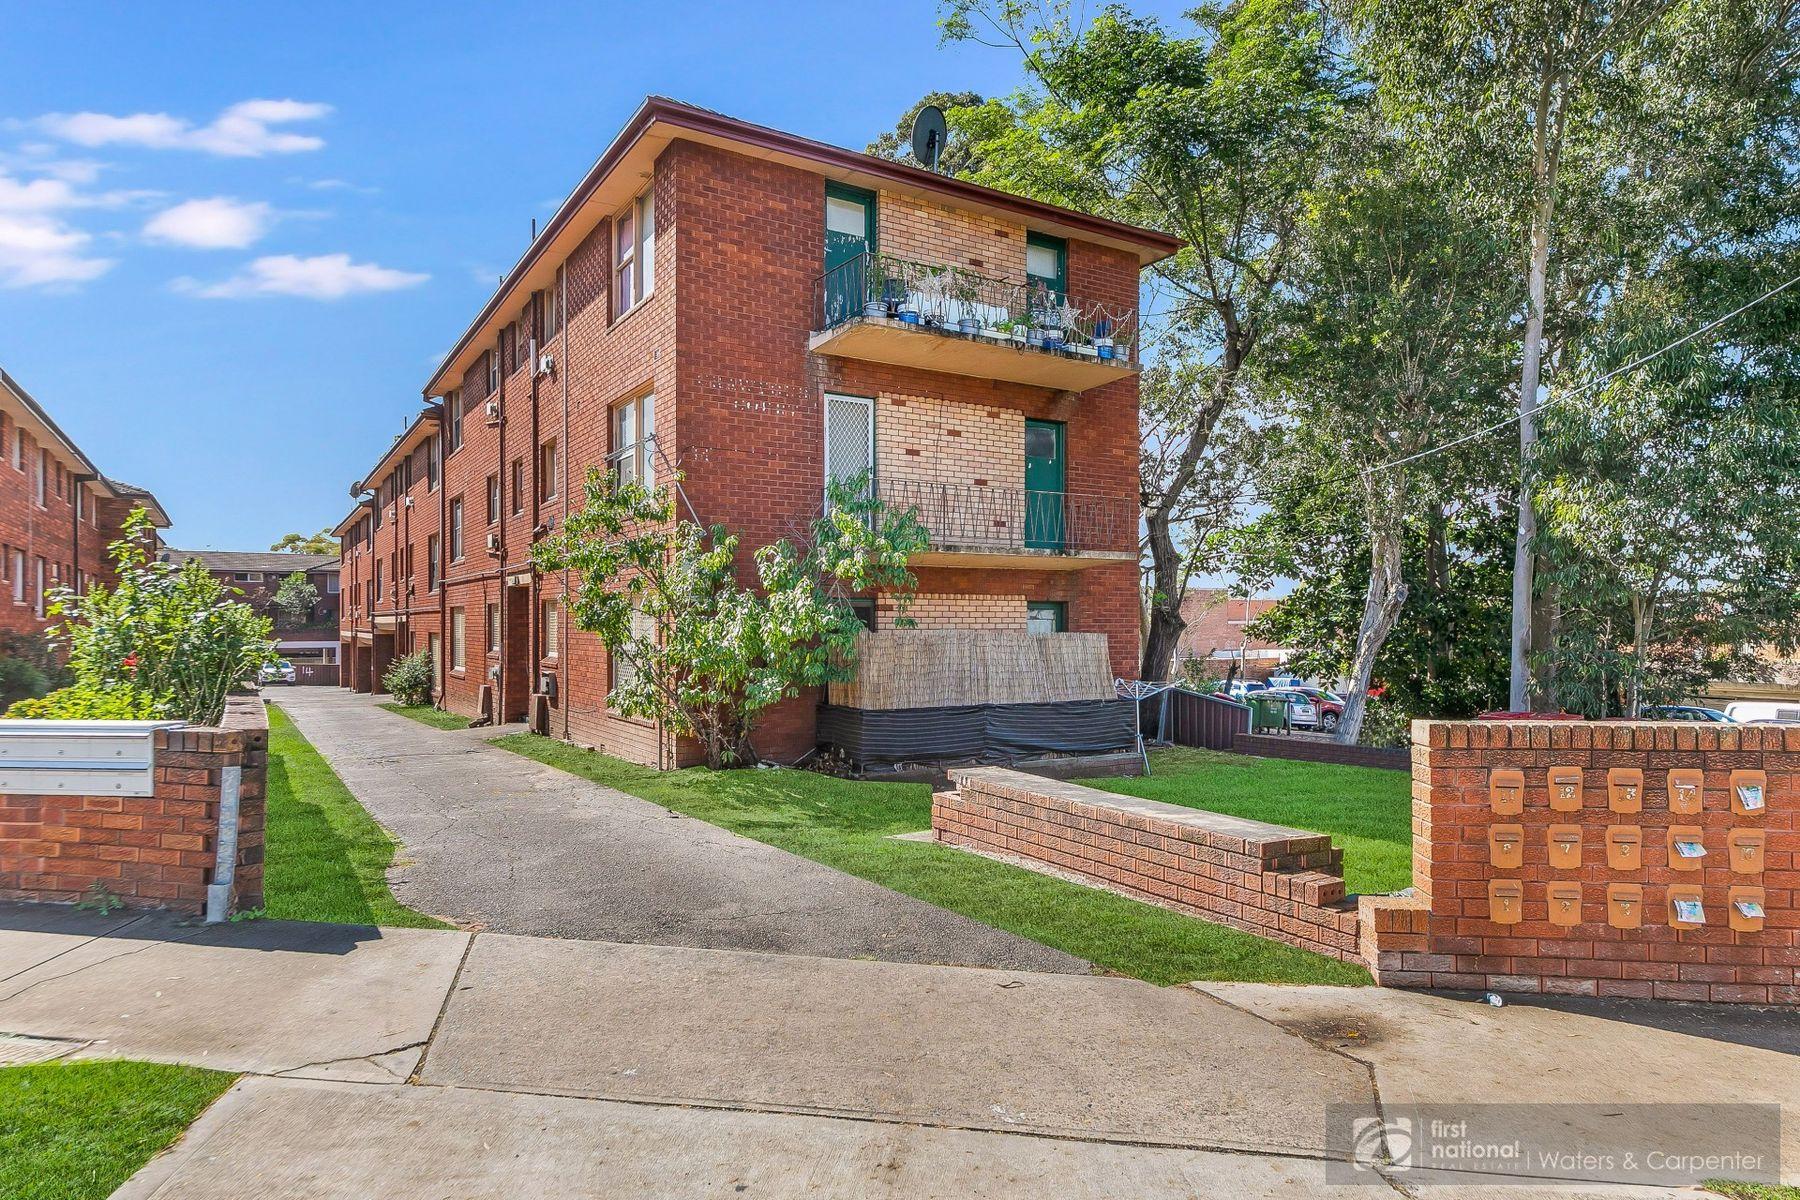 15/14 Crawford Street, Berala, NSW 2141